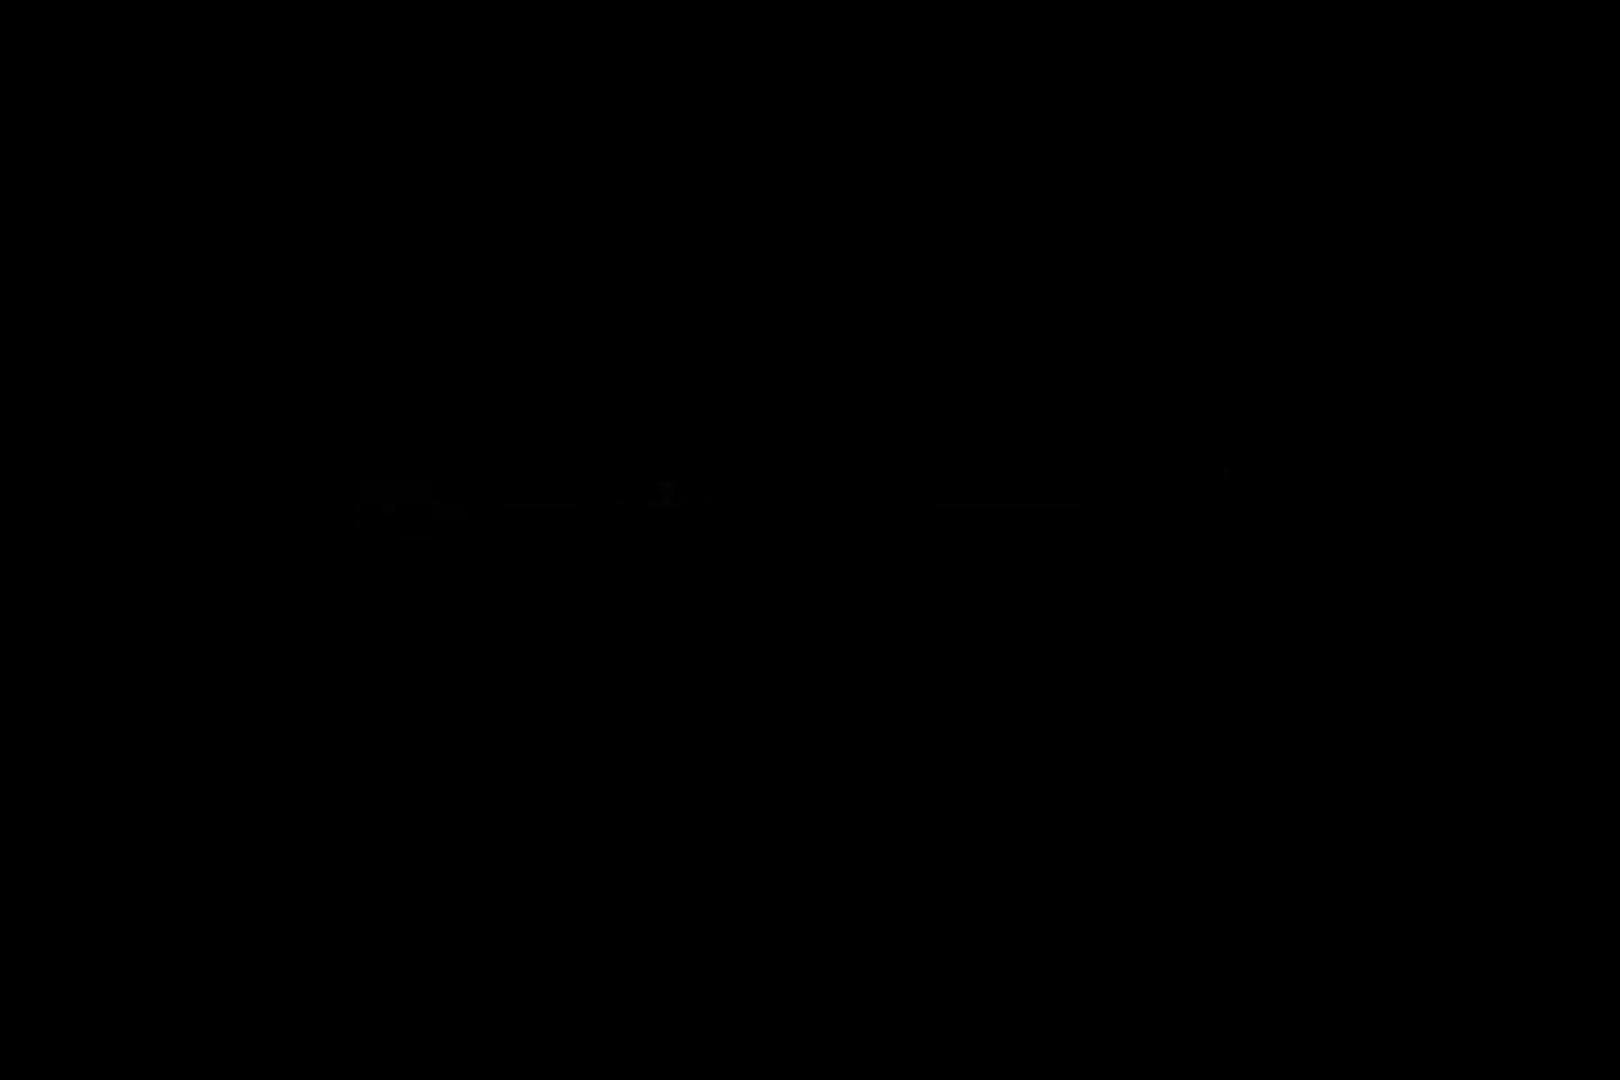 ラグビー部物語!オナニー野郎に先輩の教育! フェラ天国 ゲイ丸見え画像 71pic 58